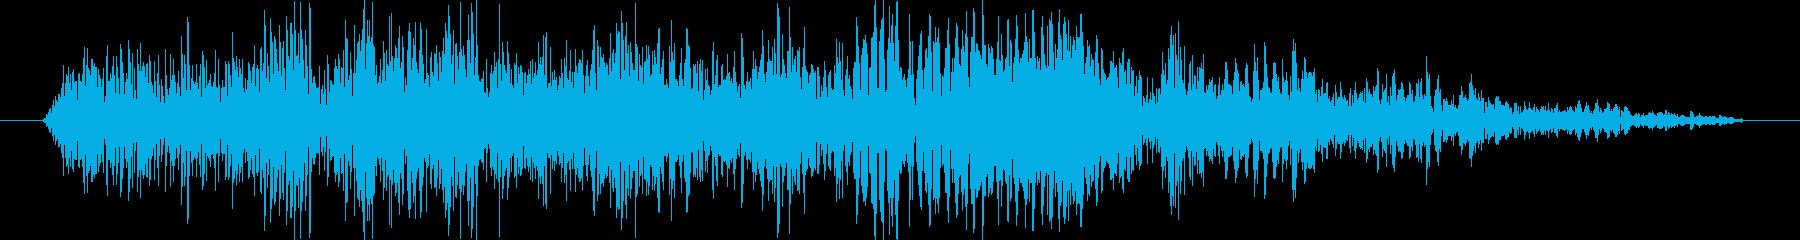 グオーウォの再生済みの波形